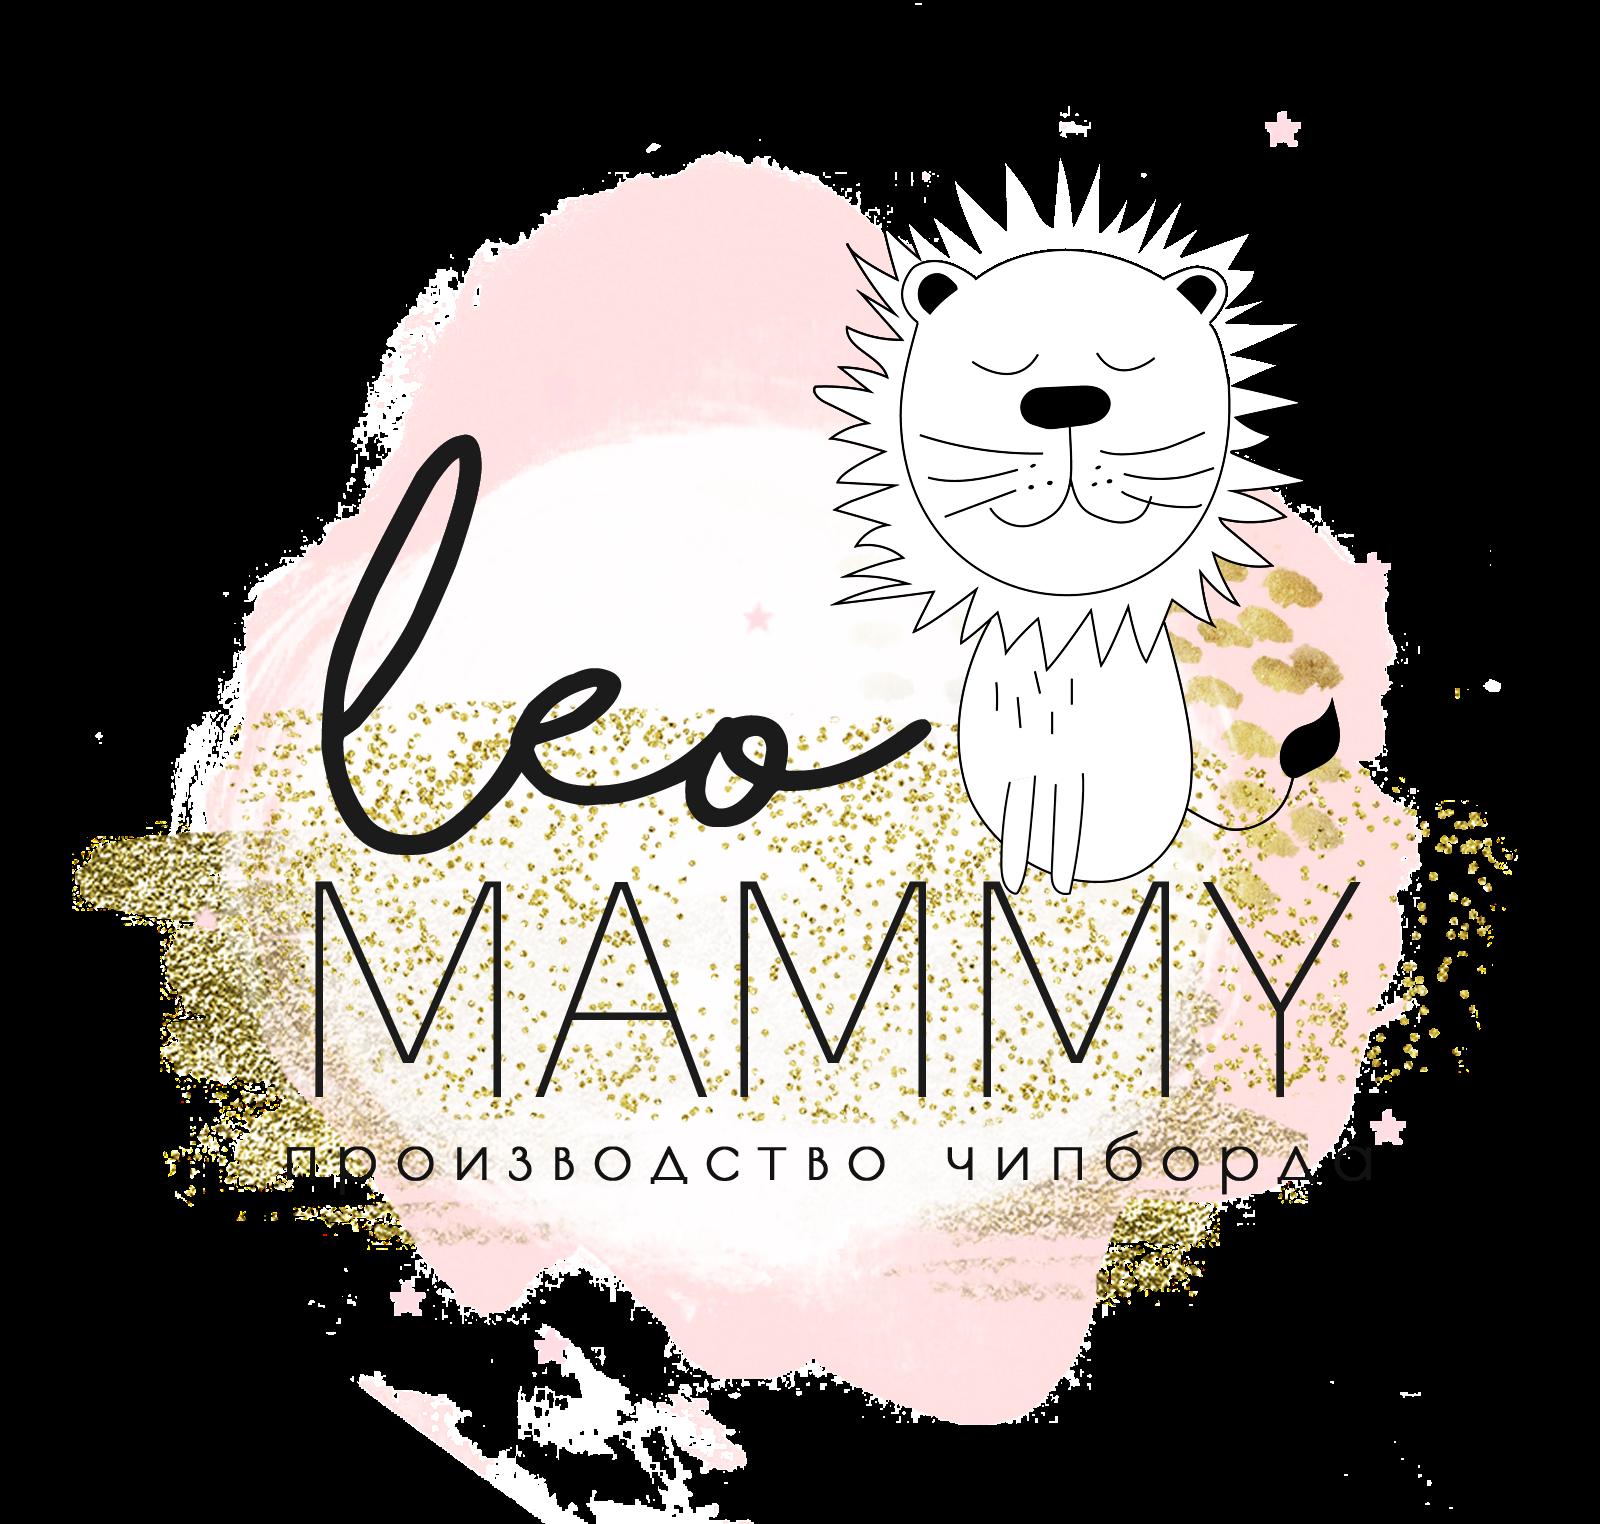 За прекрасным чипбордом загляните в магазин Leo-Mammy